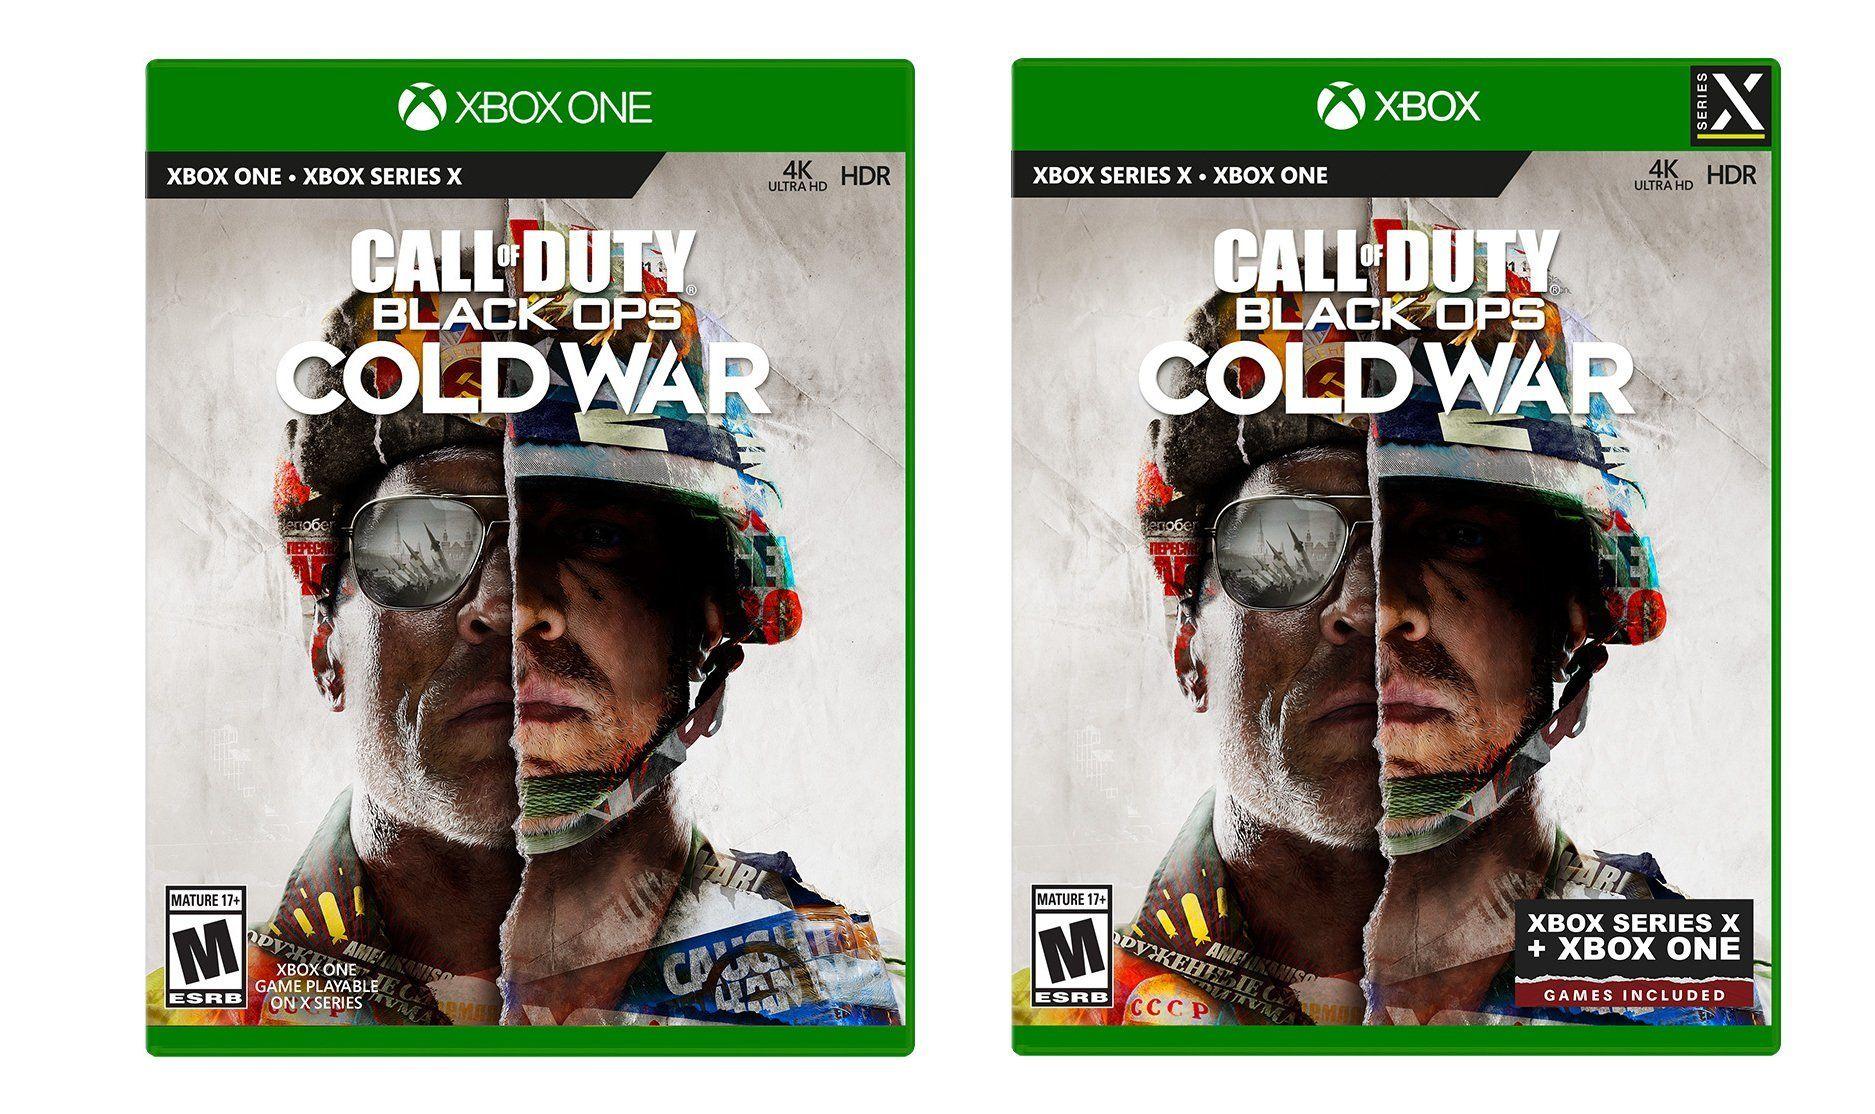 Важно: Владельцы дисков Call of Duty: Black Ops Cold War для Xbox One не смогут обновить игру до версии Xbox Series X